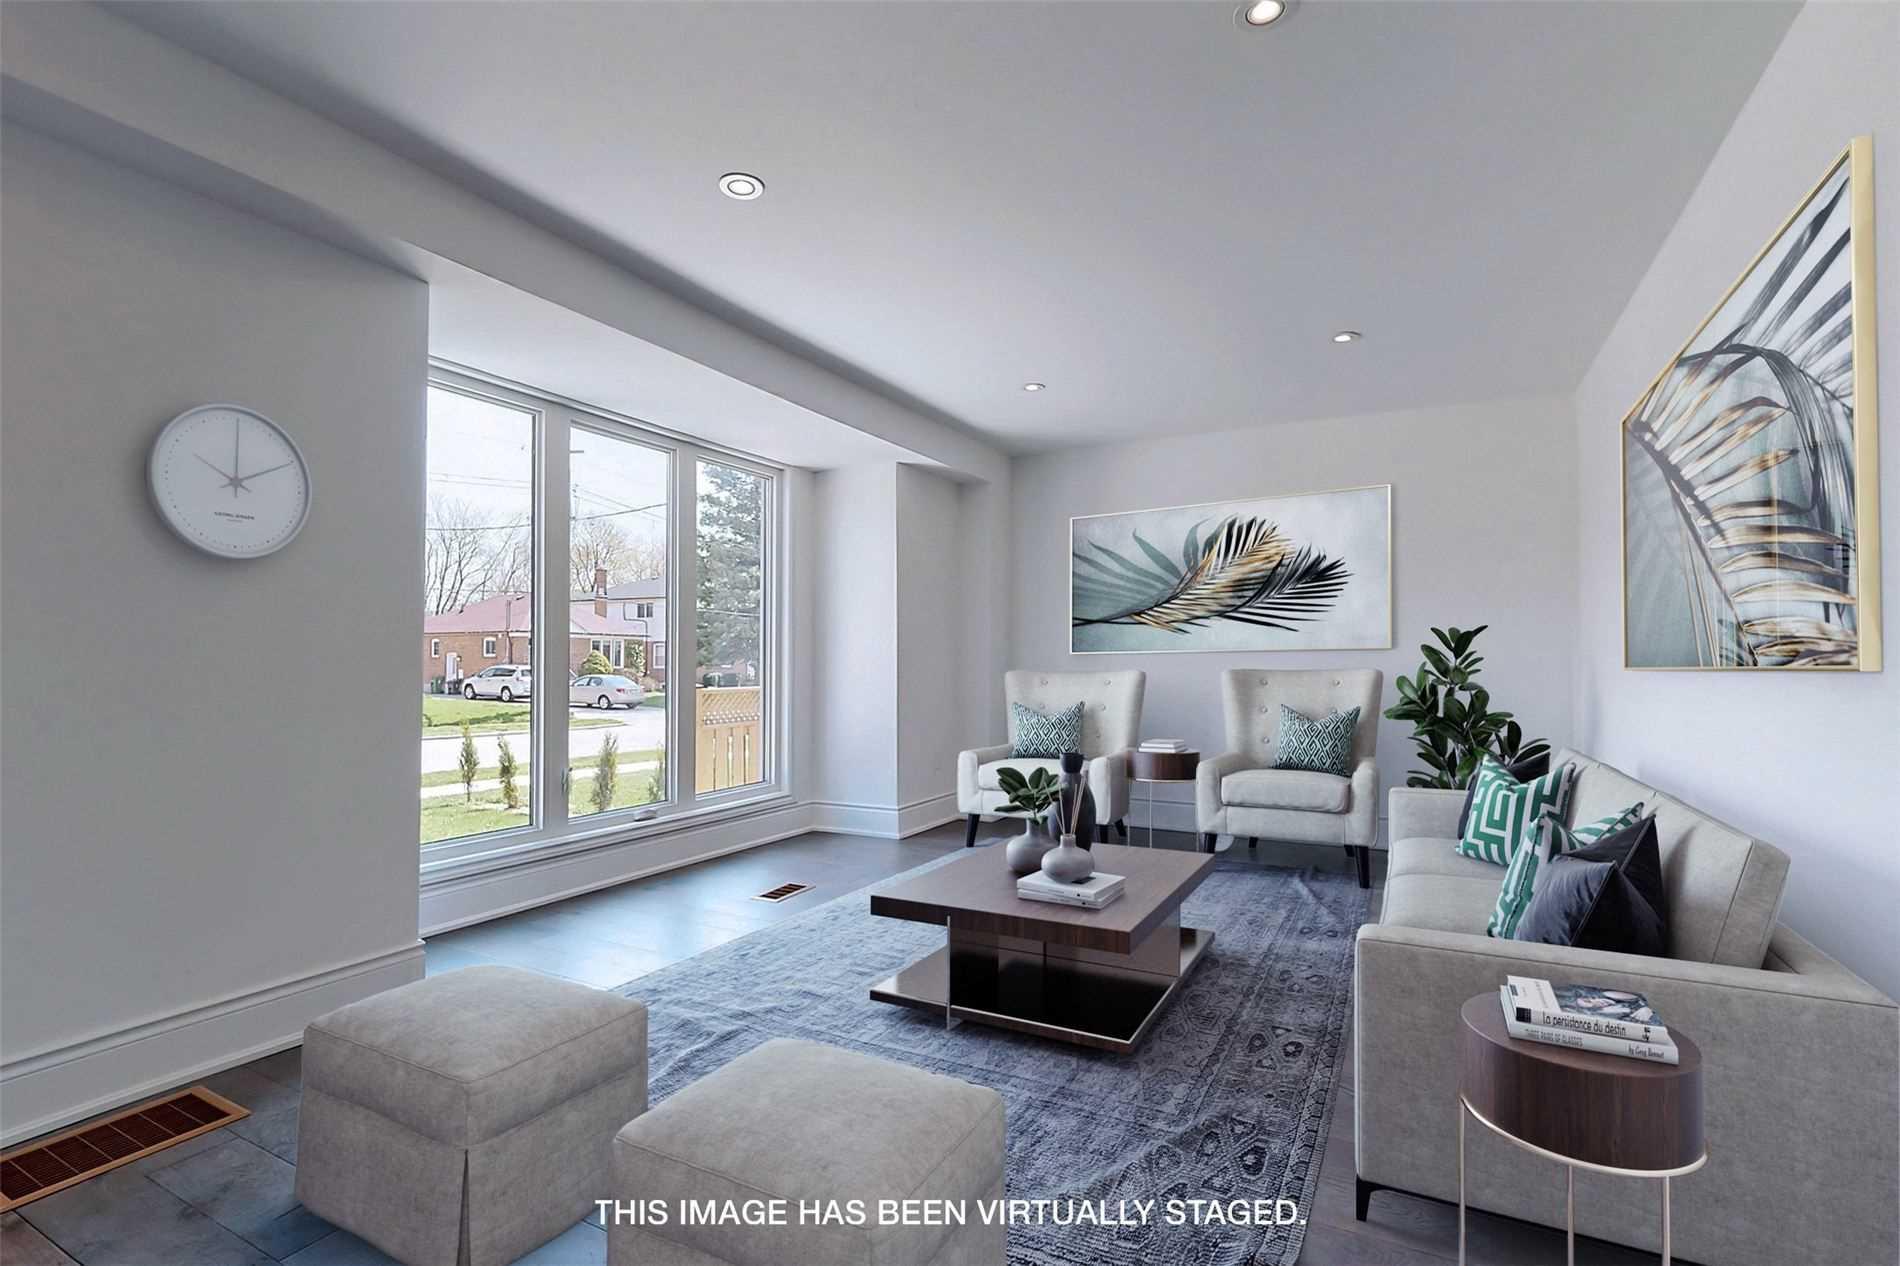 82 Ellington Dr, Toronto, Ontario M1R3Y1, 7 Bedrooms Bedrooms, 11 Rooms Rooms,7 BathroomsBathrooms,Detached,For Sale,Ellington,E5354933